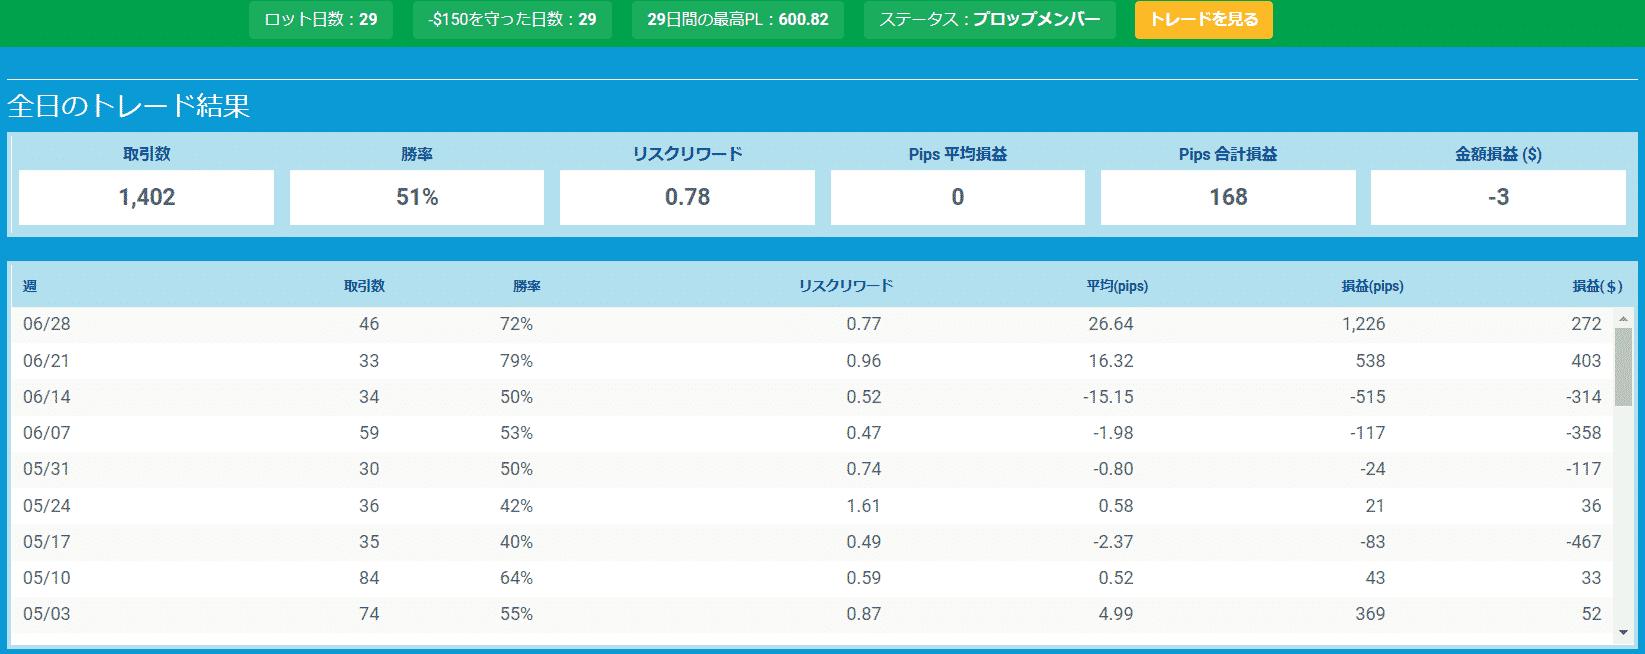 プロップトレーダーチャートKon3